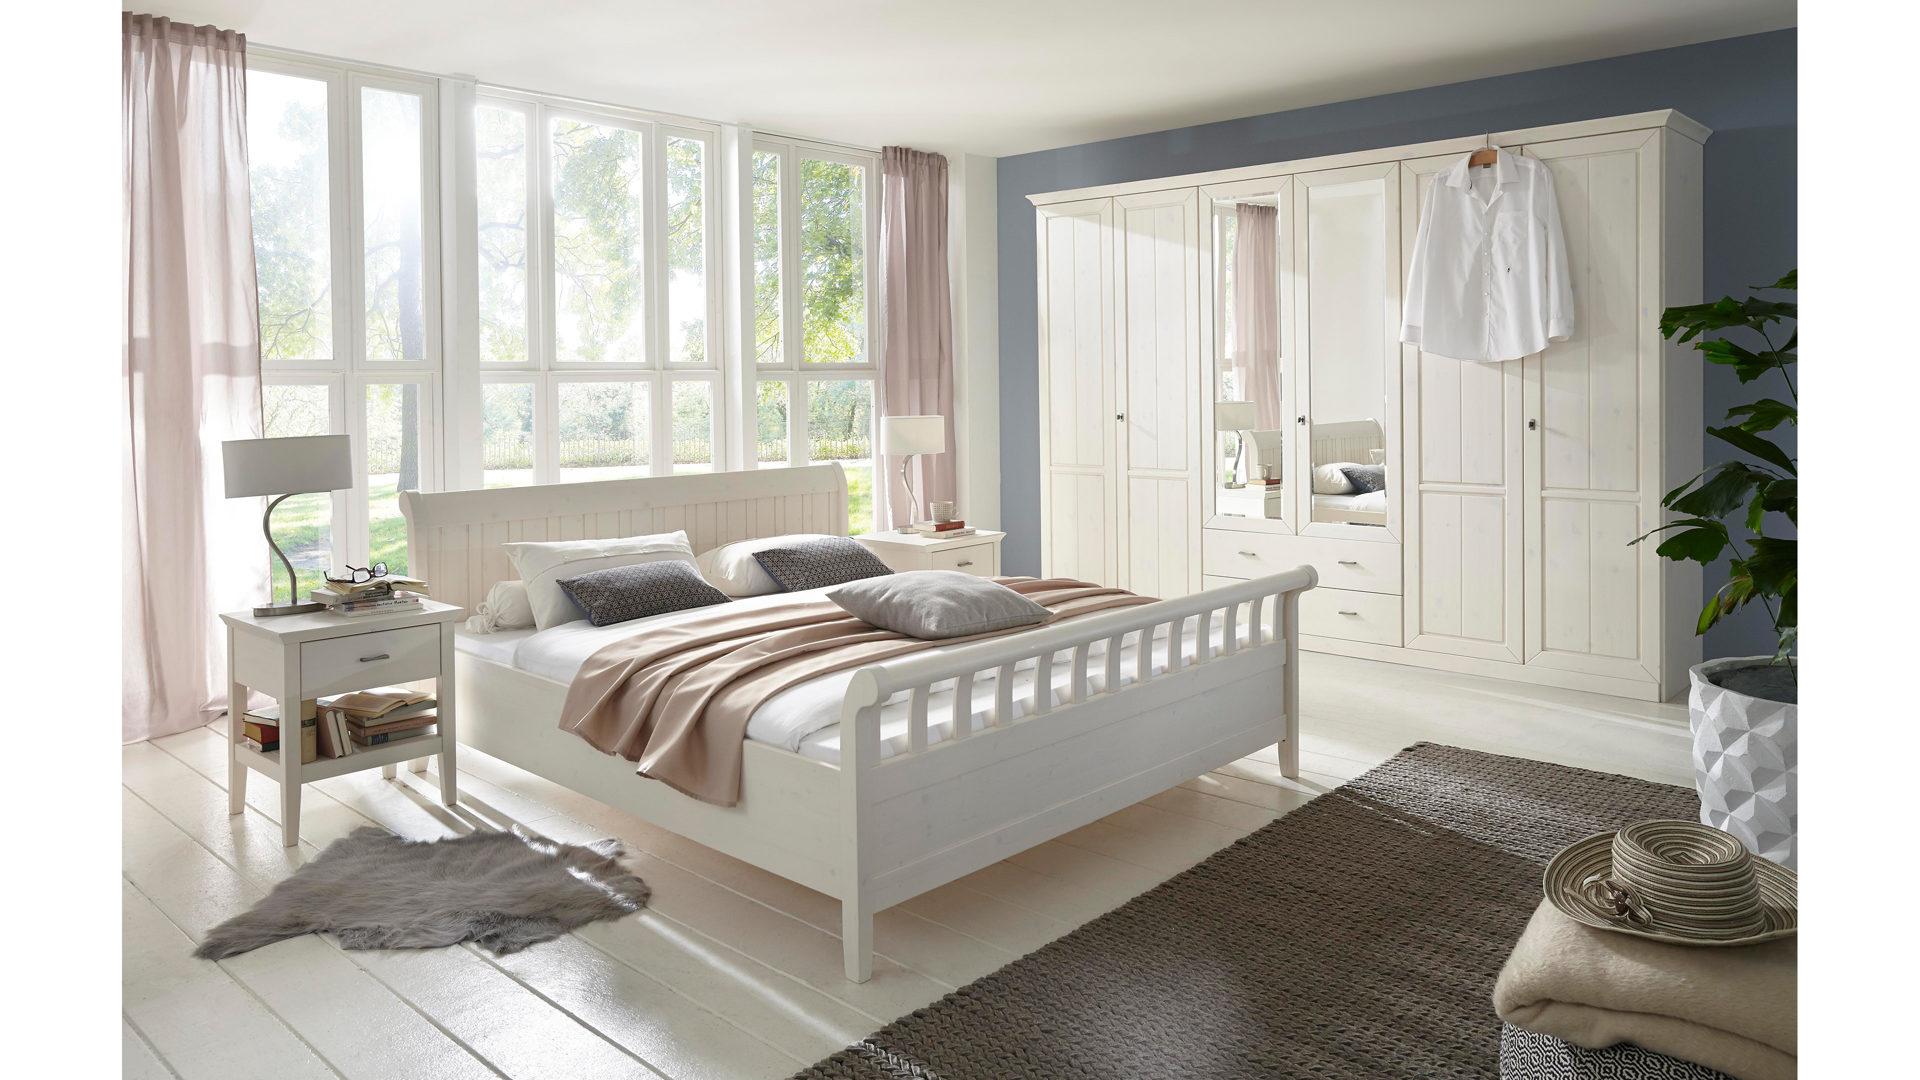 Fesselnd Schlafzimmer Klassisch ~ Hausdesign.co, Schlafzimmer Entwurf